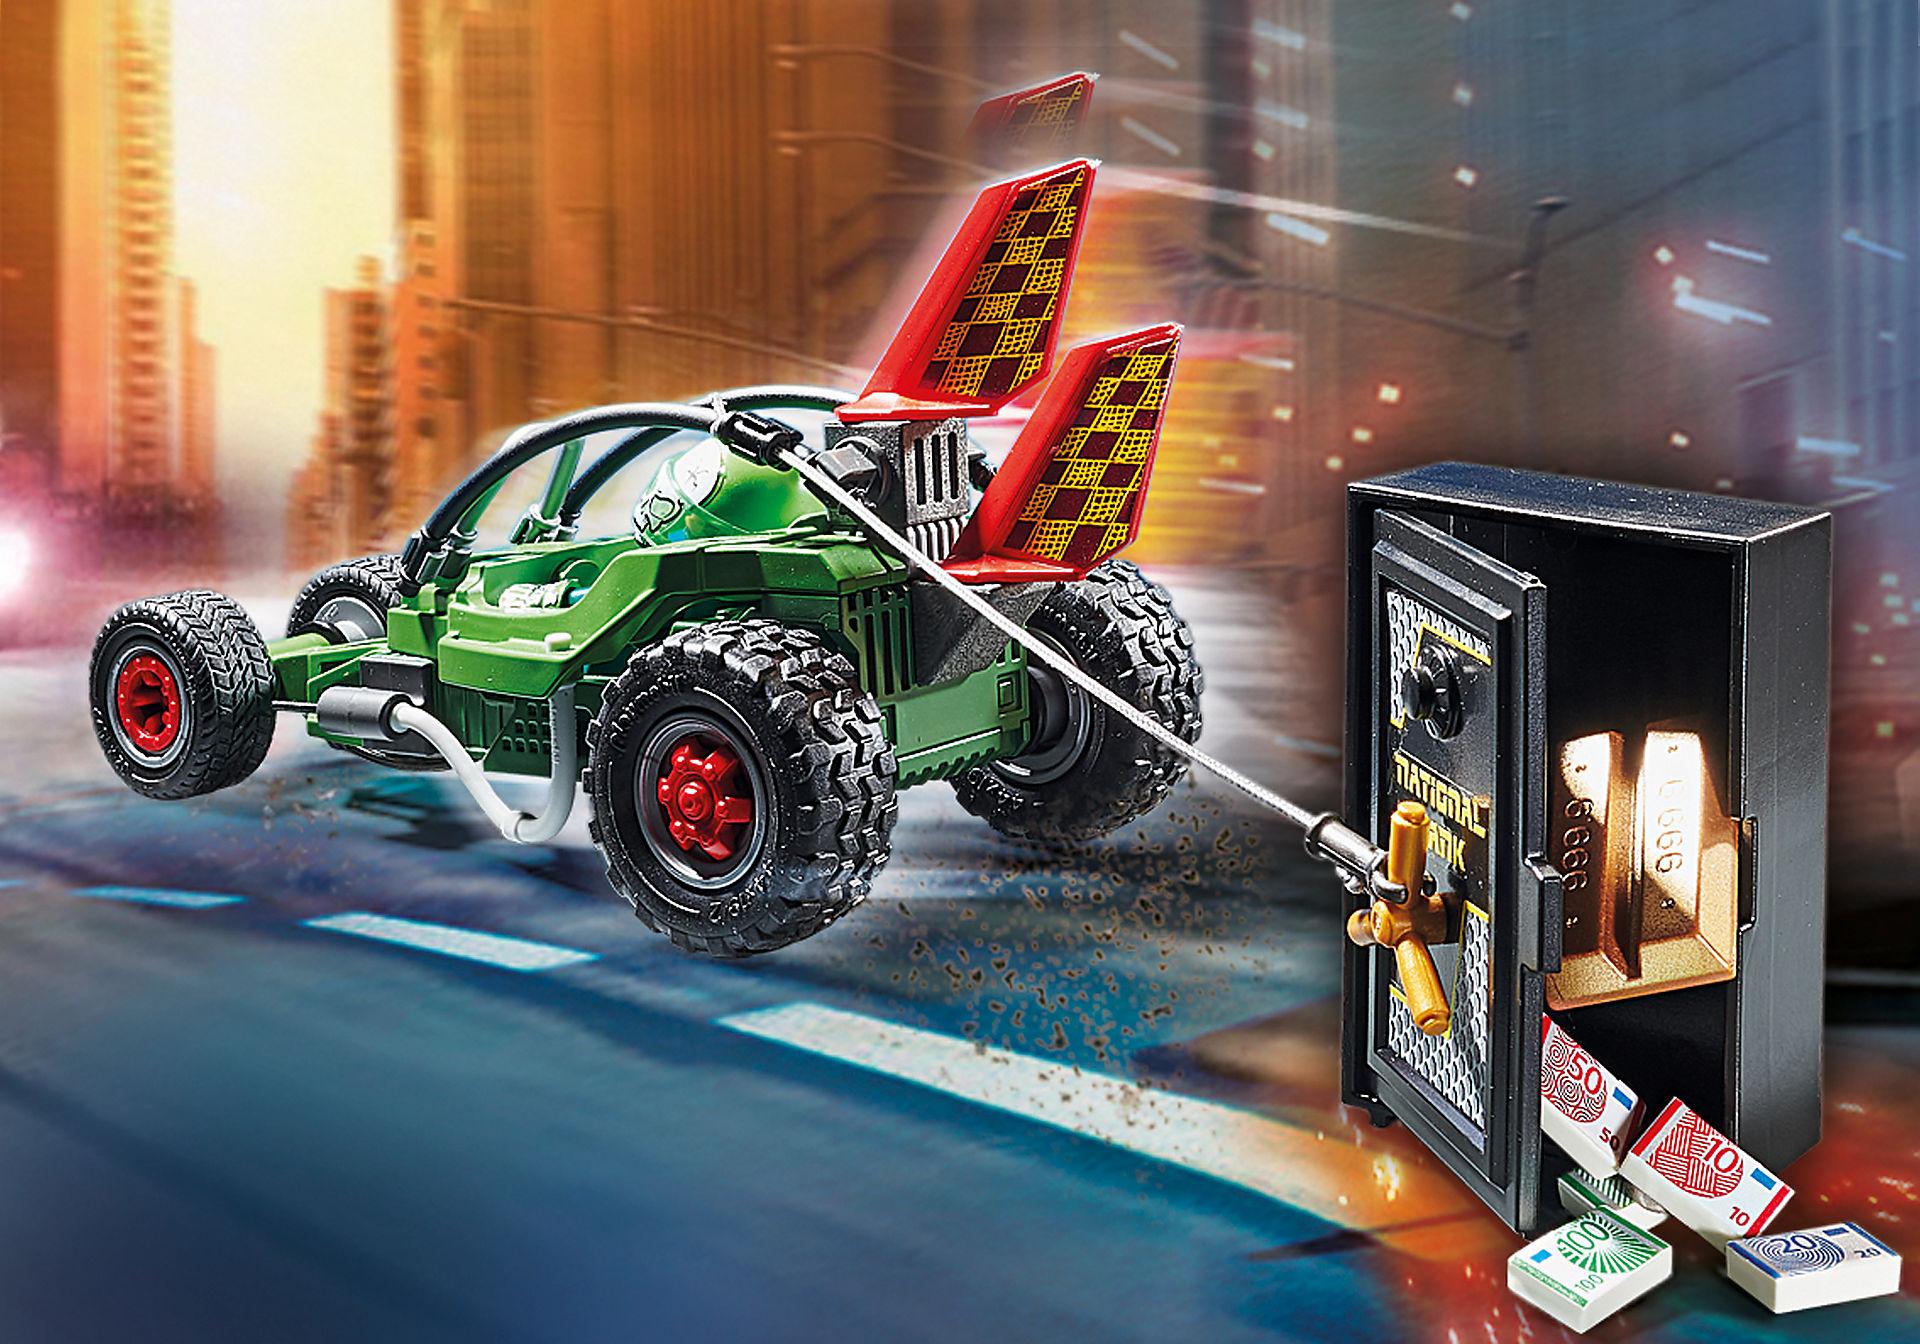 70577 Kart Policial: Perseguição ao ladrão da caixa forte zoom image4